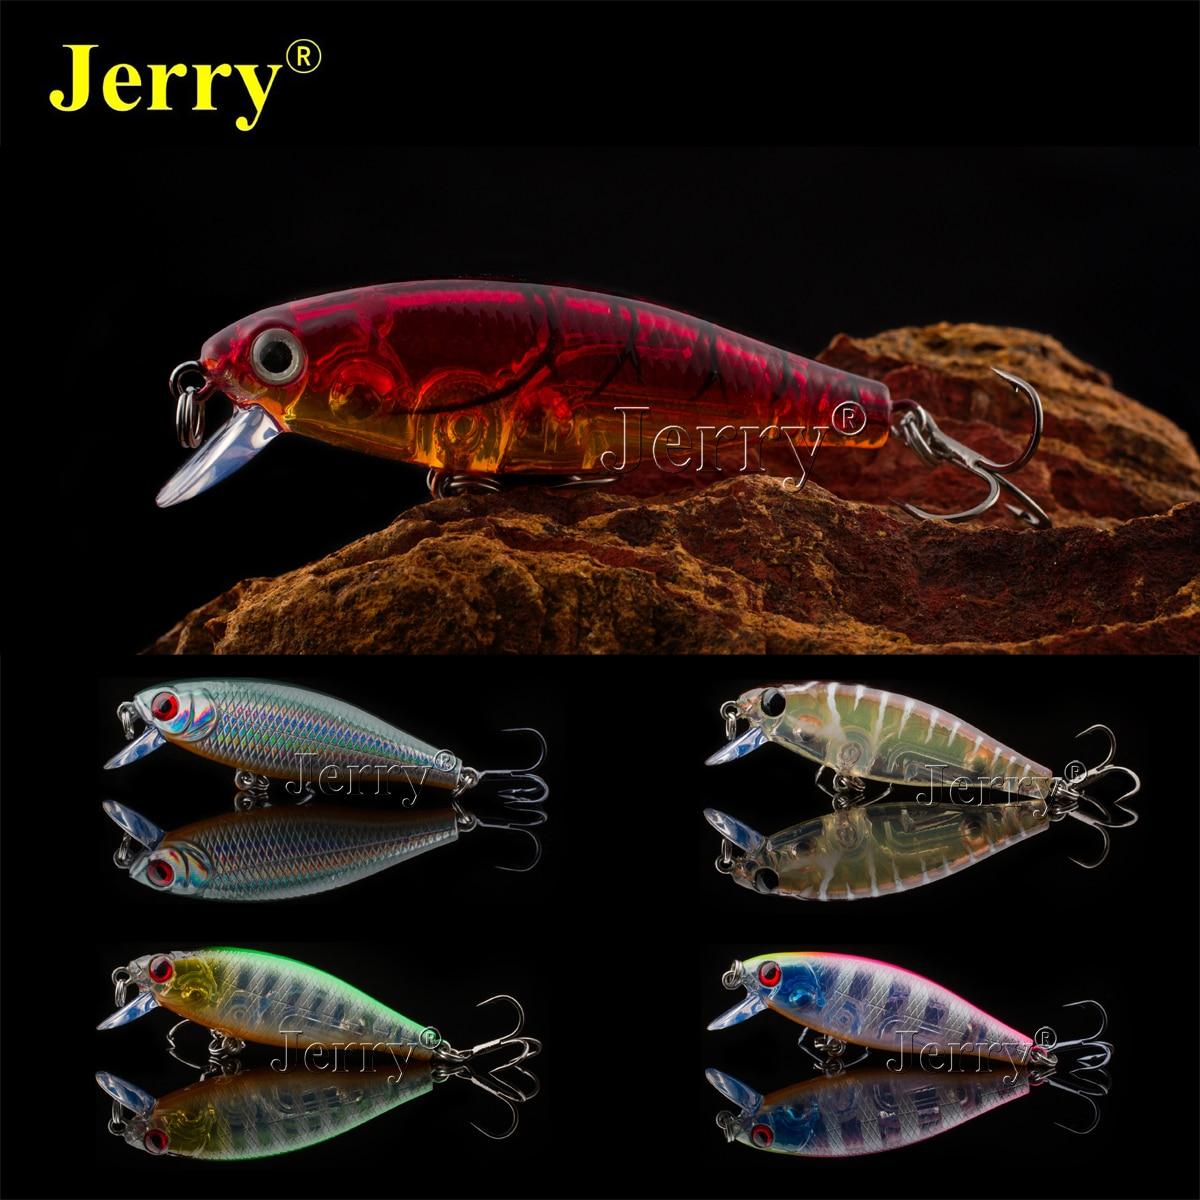 Jerry 1 pc Japon crank bait minnow 5 cm/2in 4.8g BKK crochet wobbler lent naufrage plug crankbait de pêche dur leurre